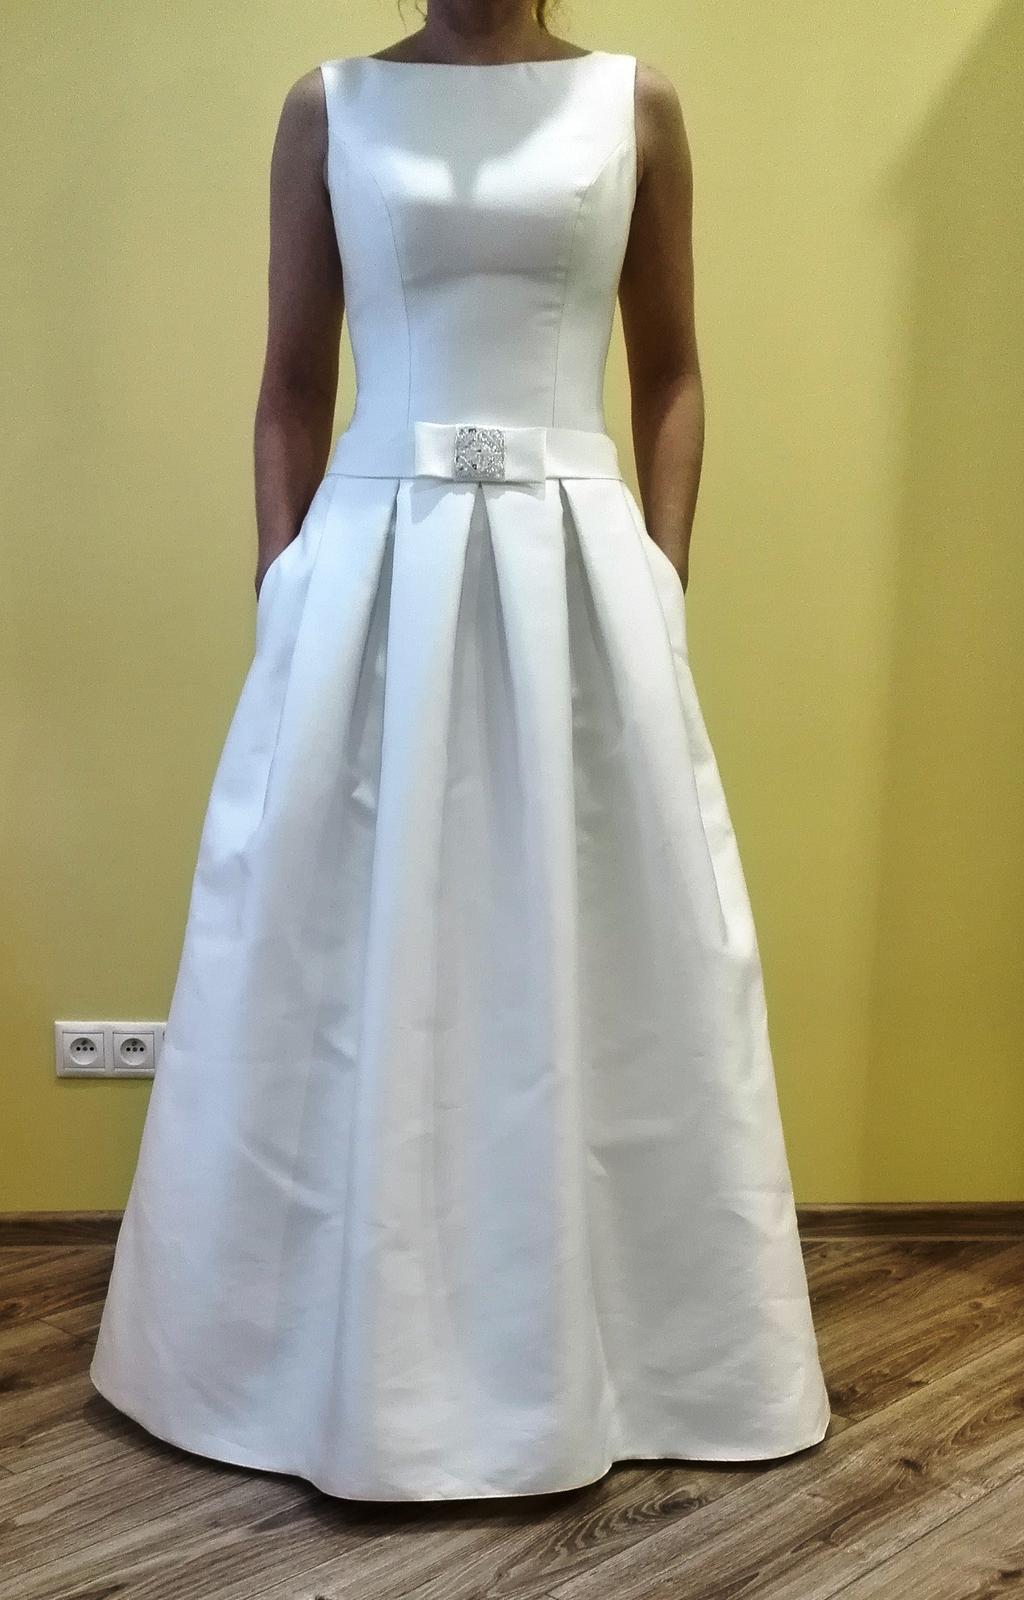 Rafinovane jednoduché svadobné šaty - Obrázok č. 3